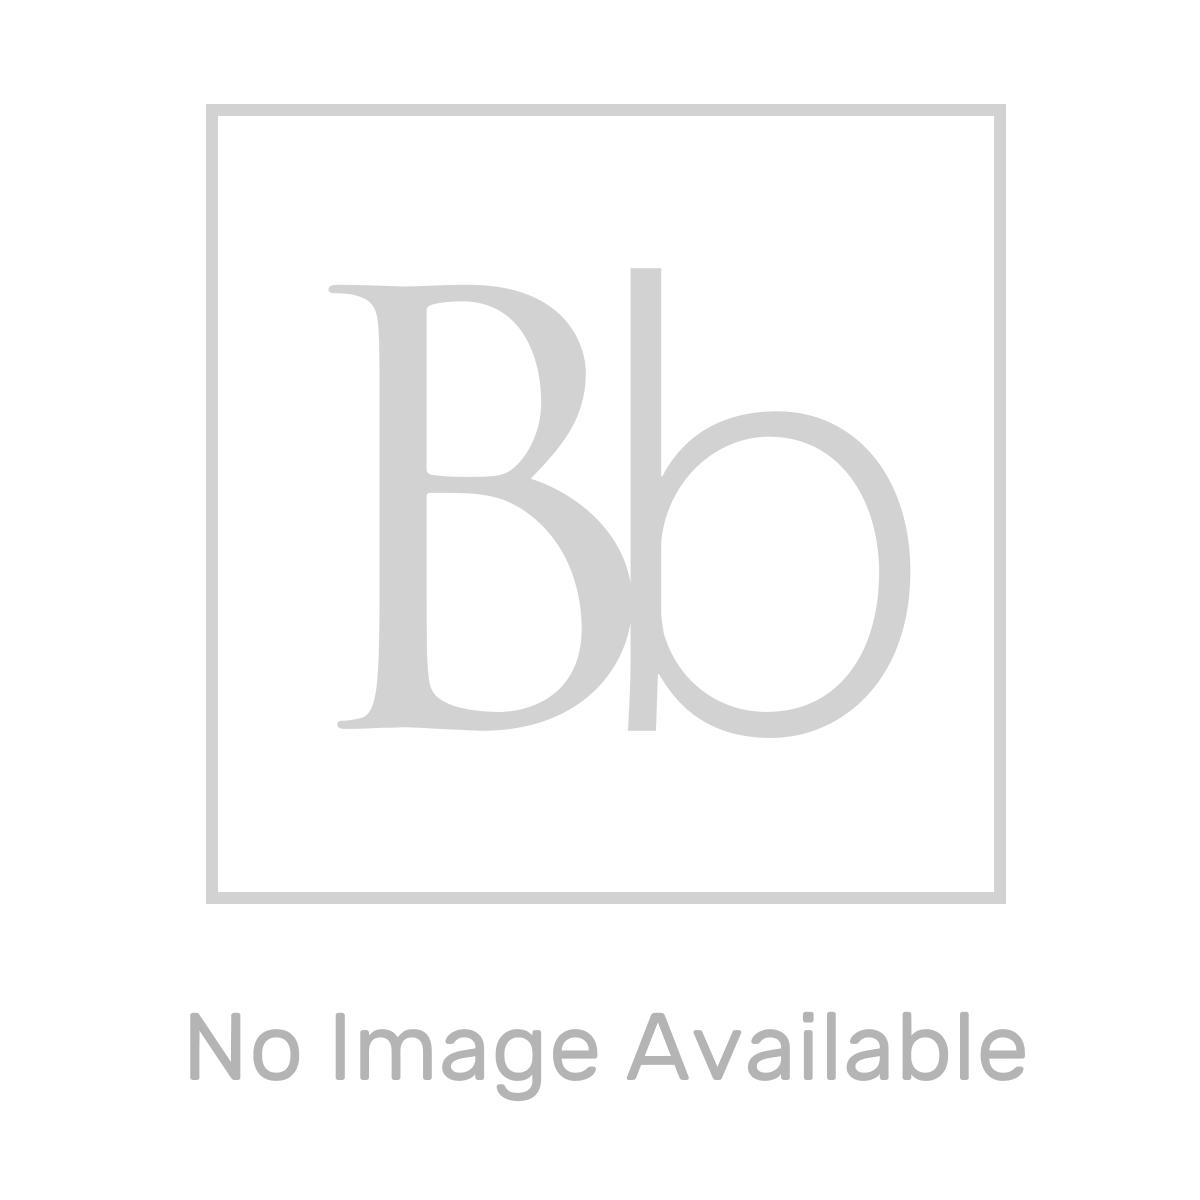 Frontline Slimline Rectangular Shower Tray 1200 x 700mm